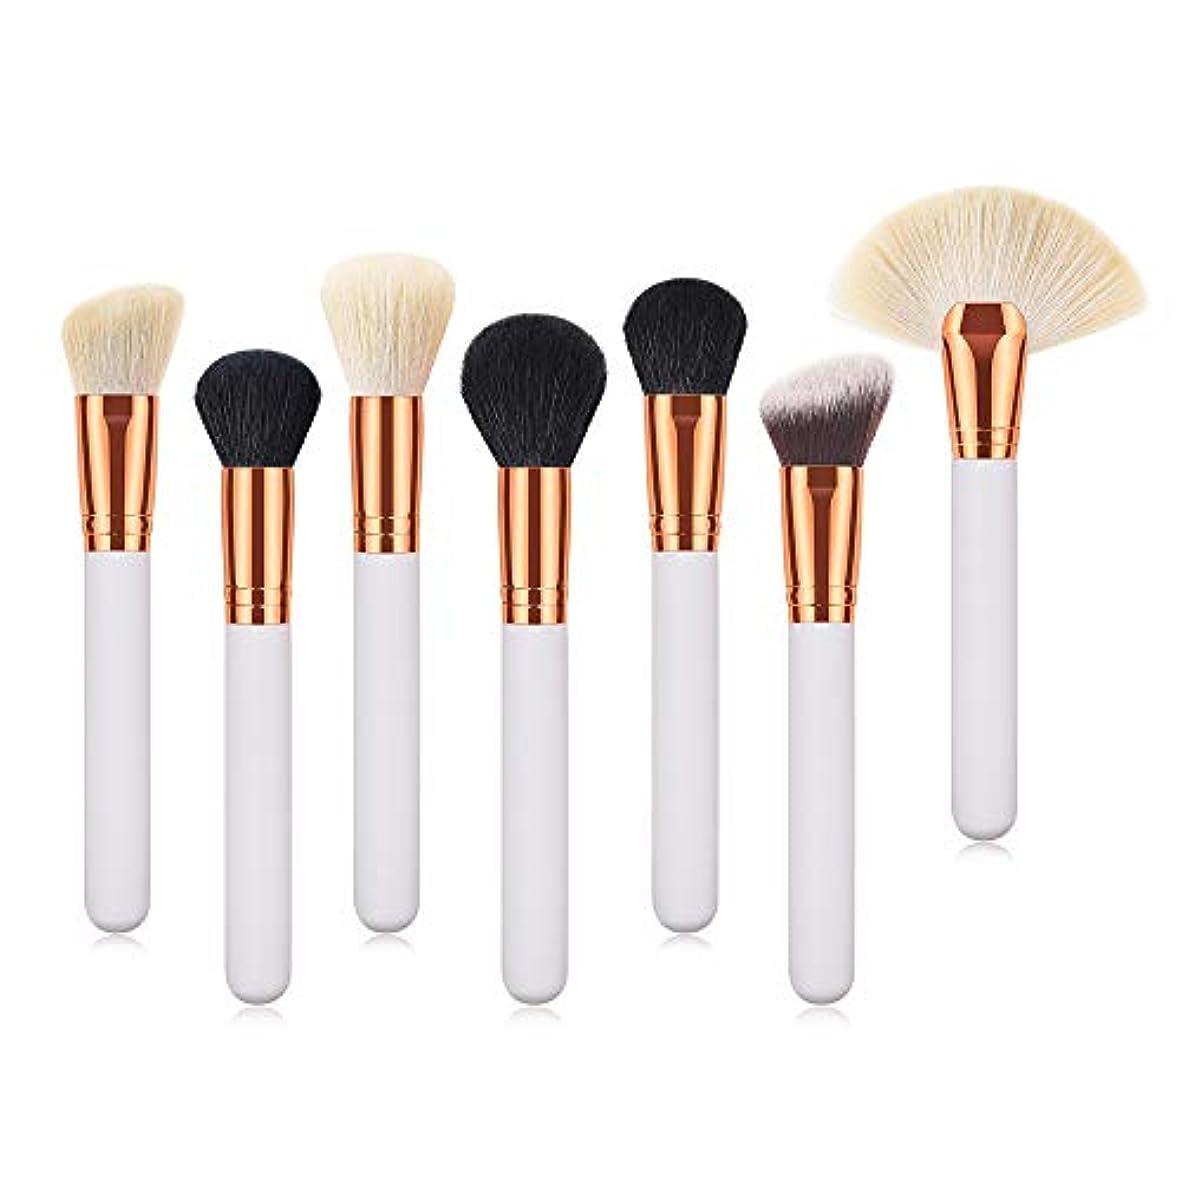 ギャラリー注入モンキーAkane 7本 GUJHUI PVC プロ 優雅 木製 綺麗 上等 高級 魅力的 美感 多機能 柔らかい おしゃれ たっぷり 激安 日常 仕事 Makeup Brush メイクアップブラシ T-07-056